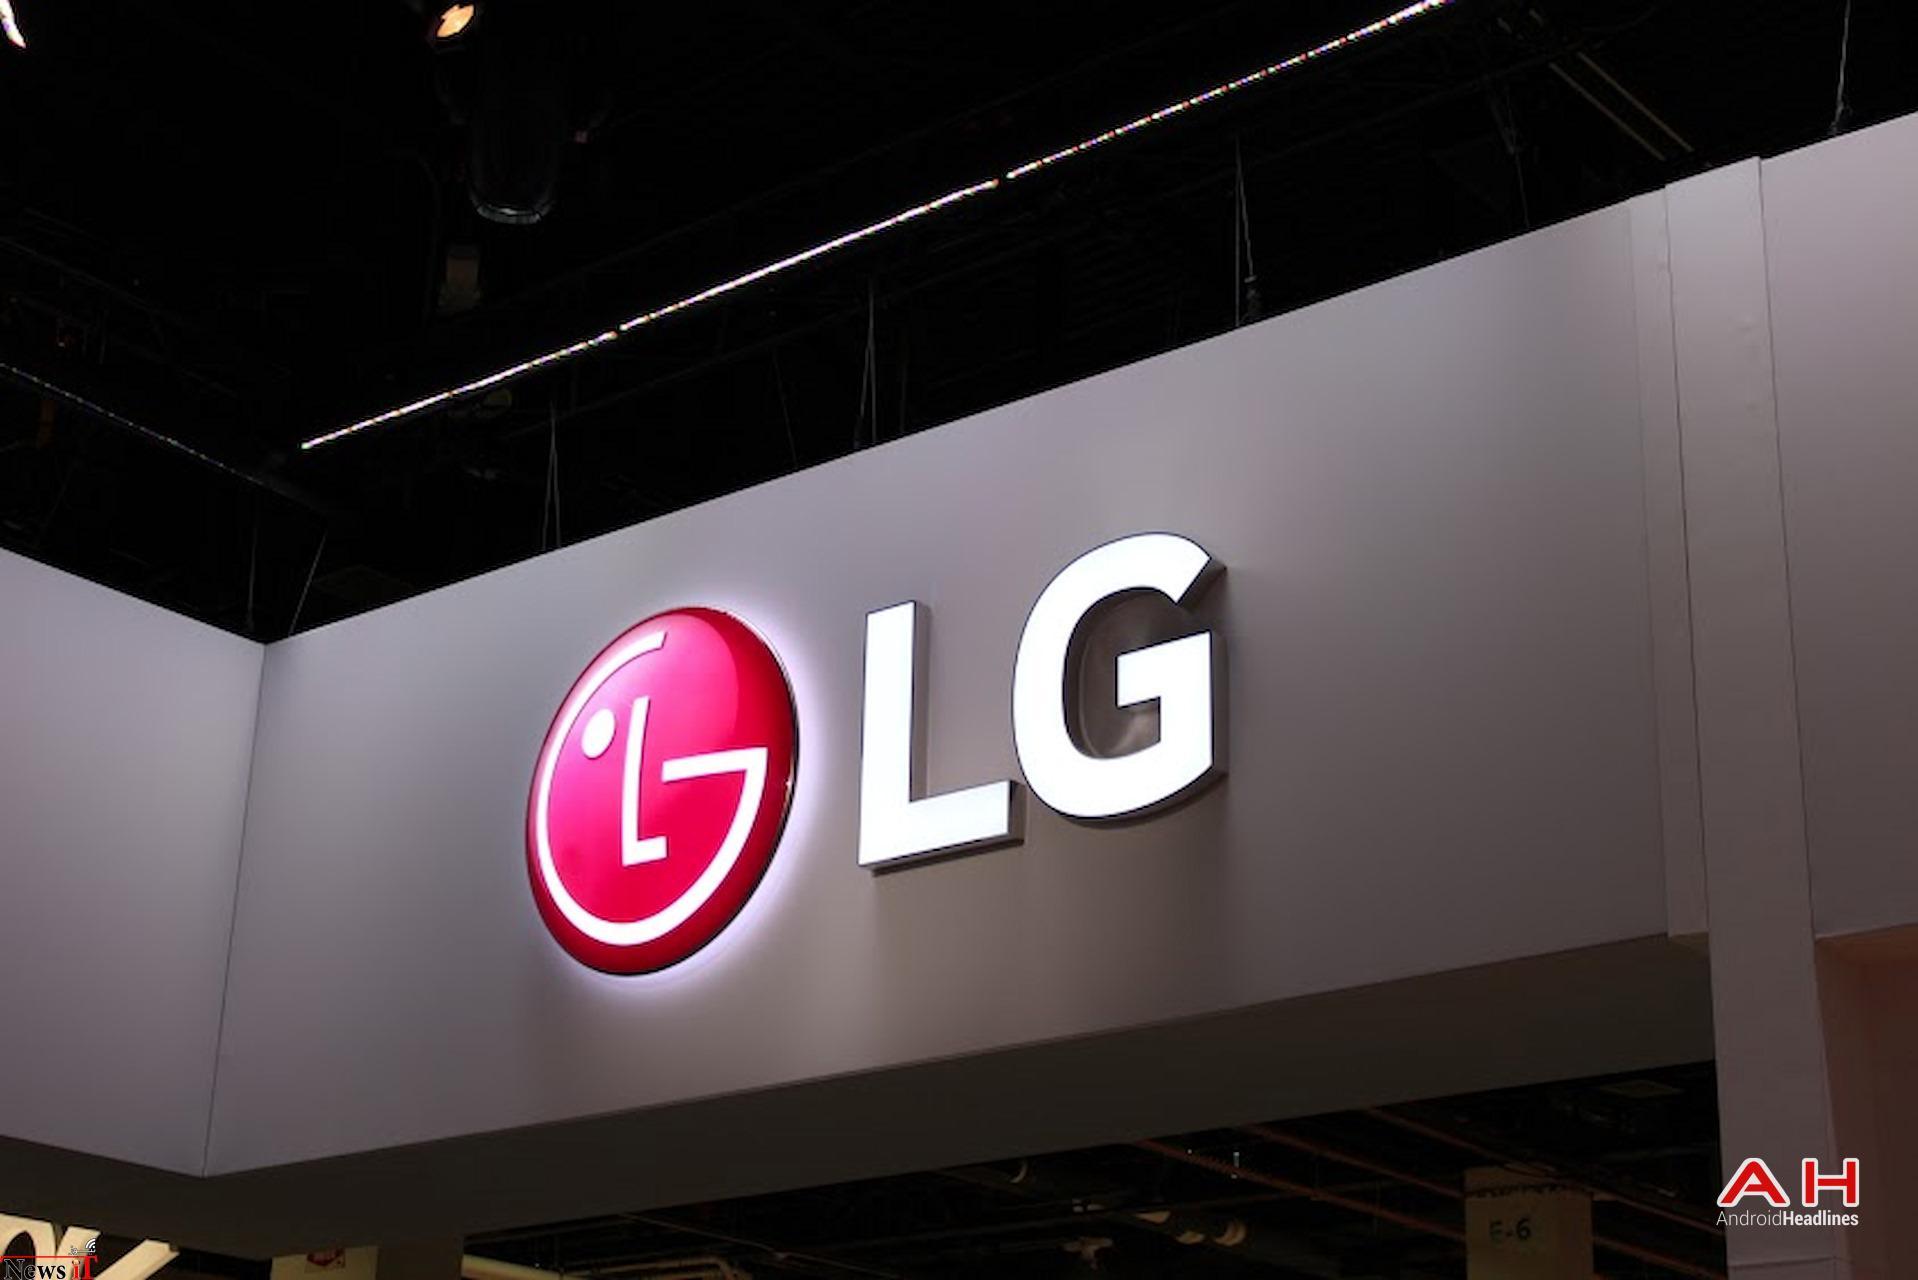 AH-LG-Logos-5